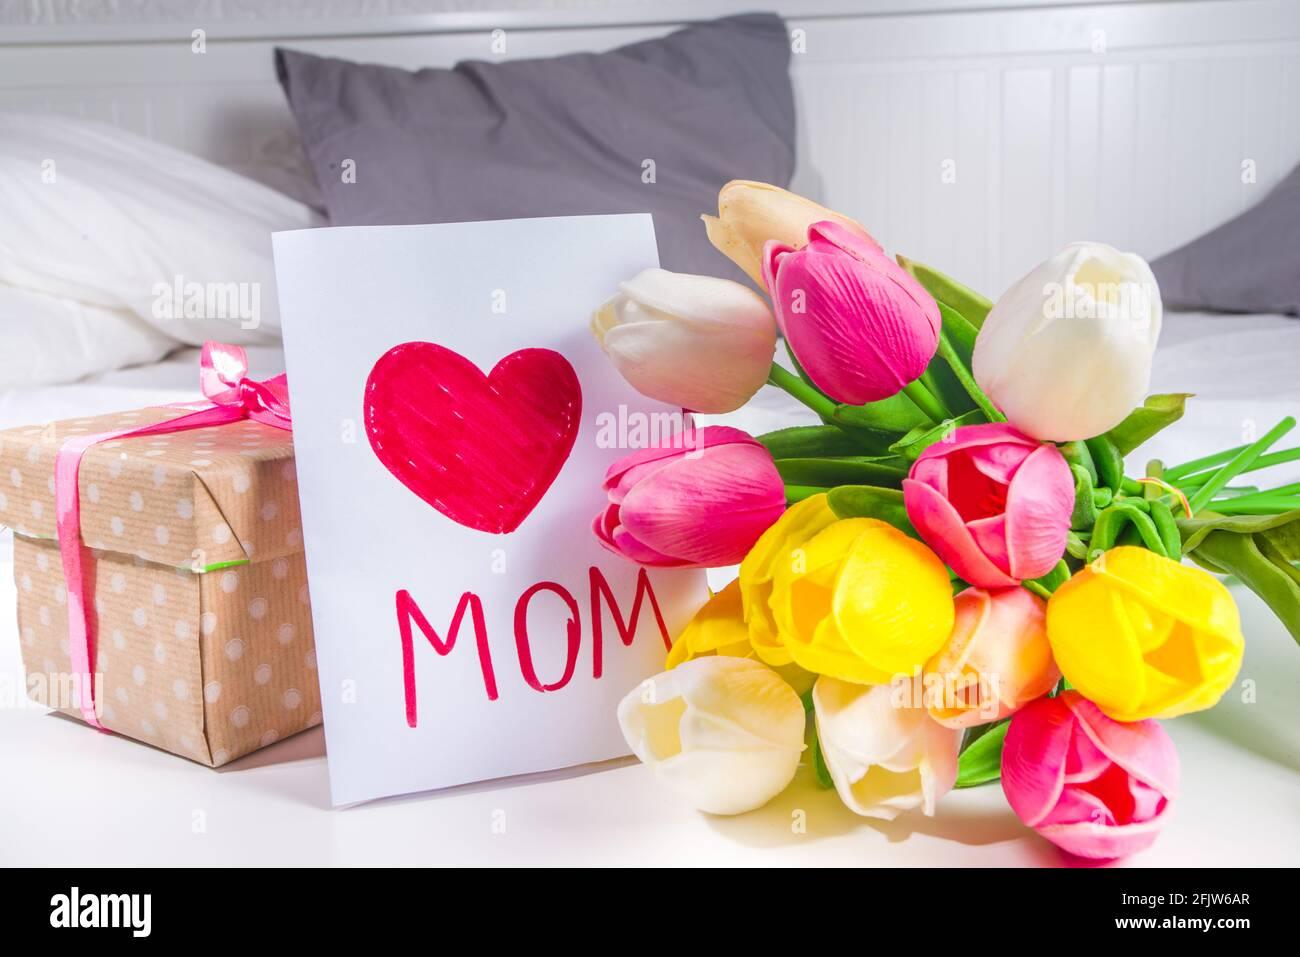 Muttertag, Tag der Tochter Urlaub Konzept Lifestyle. Vorschulkinder Kleinkind blonde Mädchen mit einem Blumenstrauß Tulpe Blumen, handgemachte Grußkarte Stockfoto